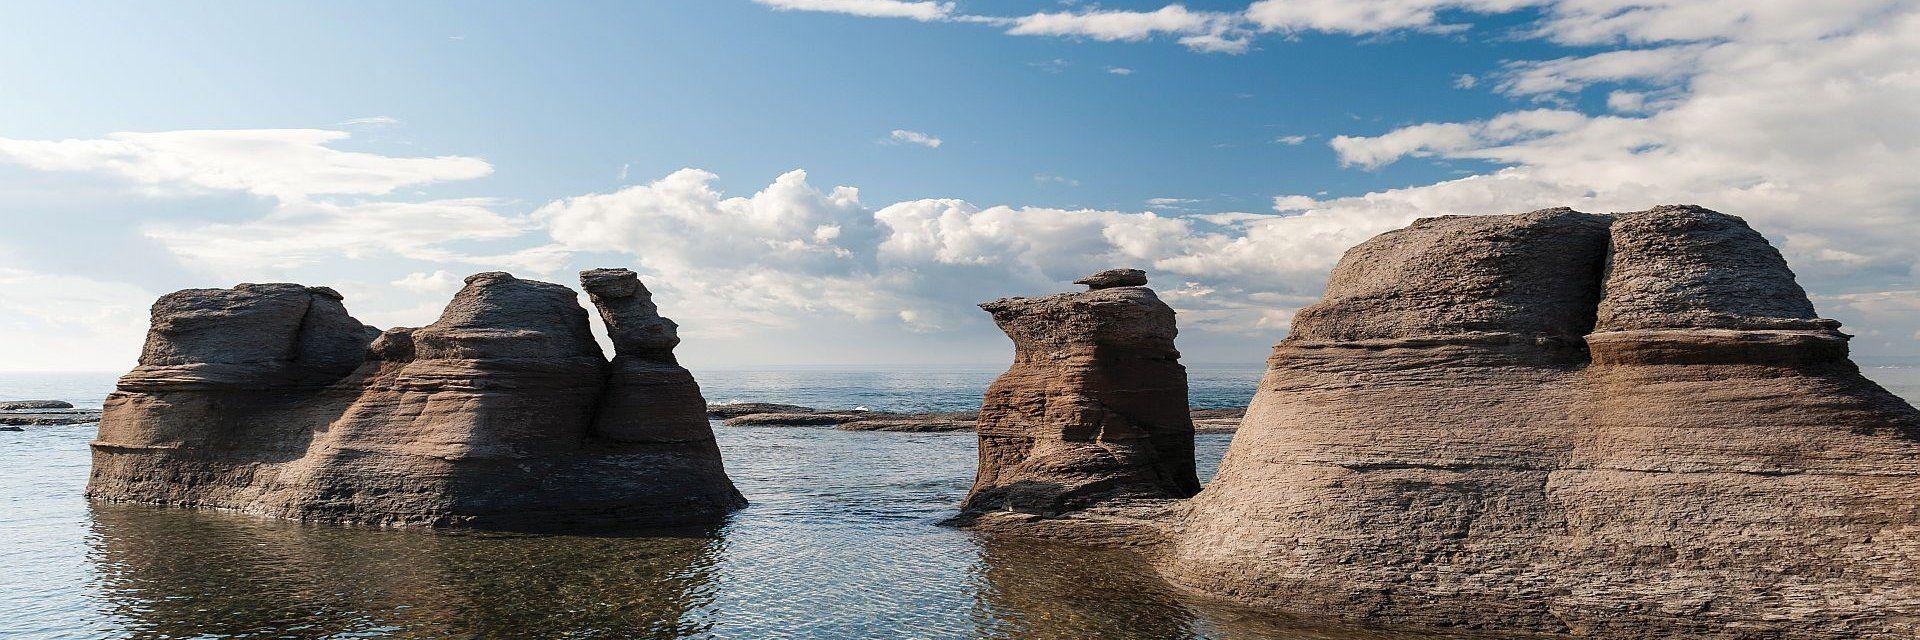 Labrador et Archipel de Mingan